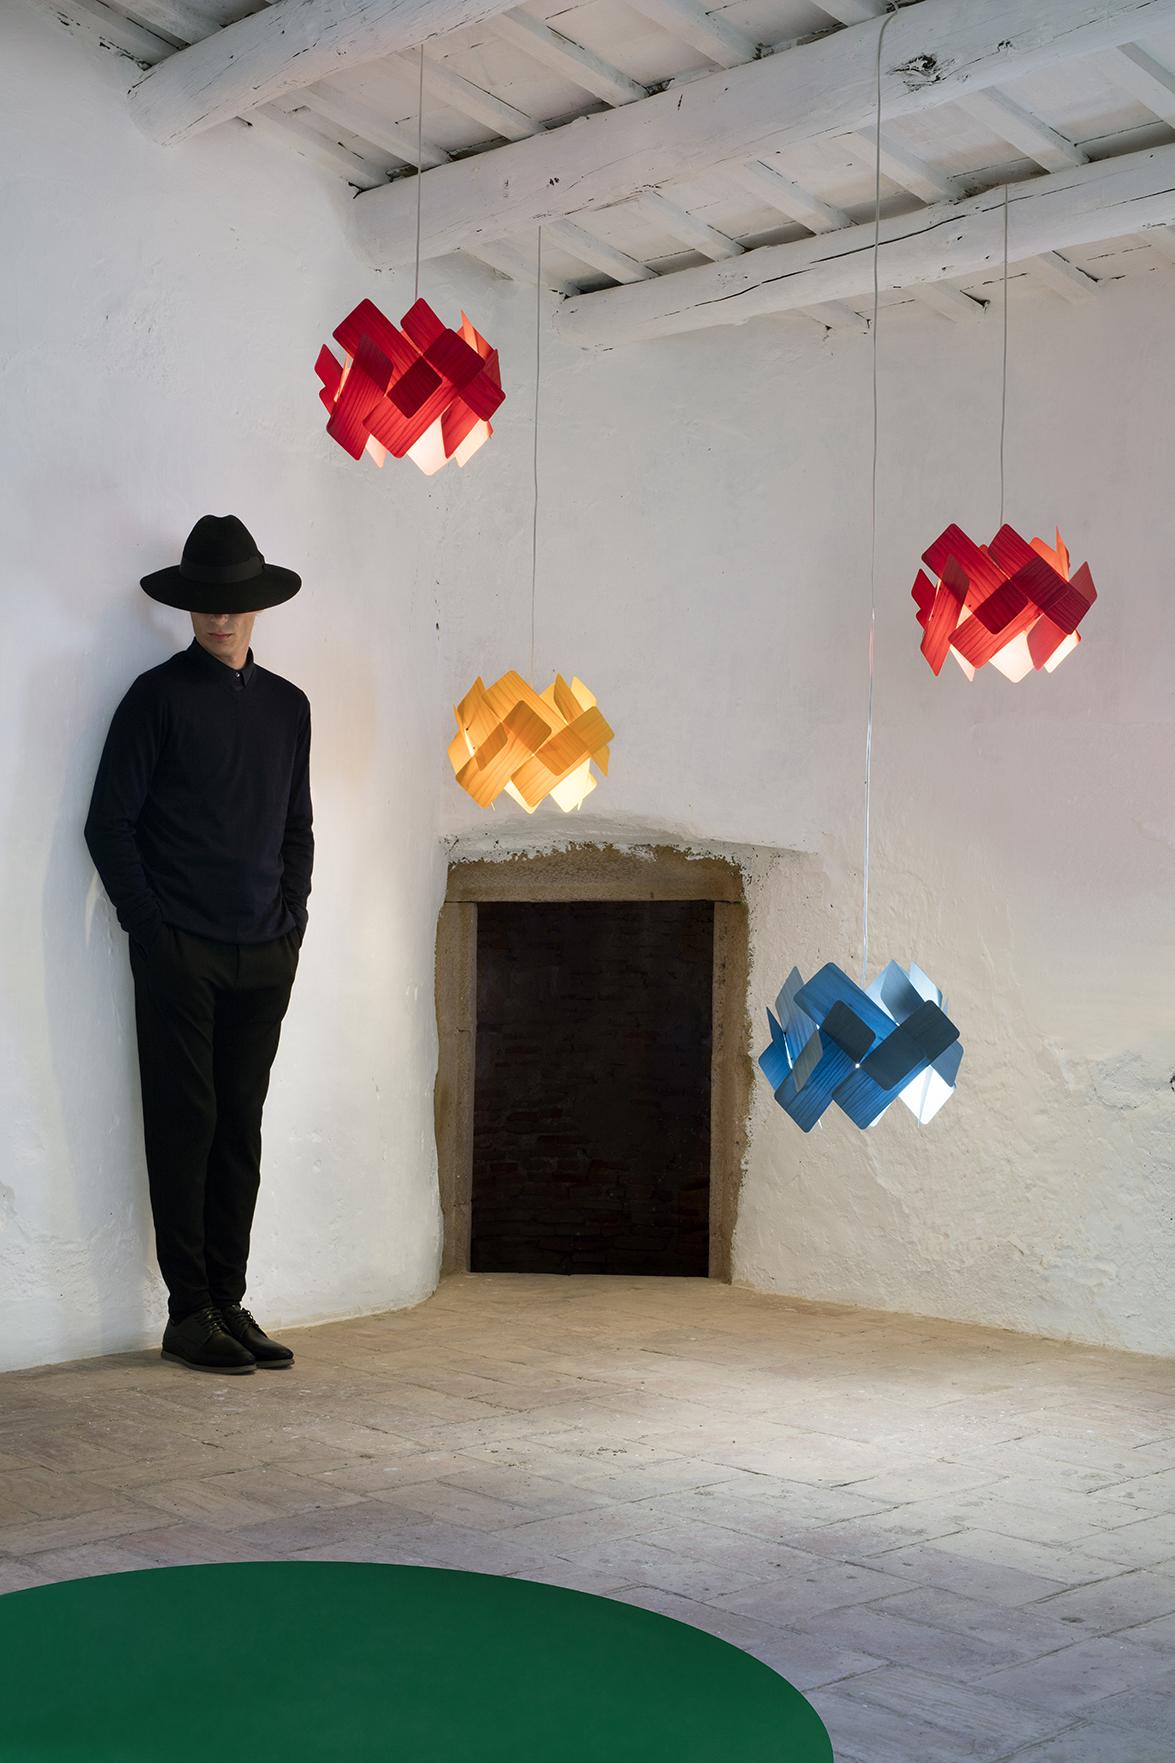 lzf_lamps_klunderbie_photos_escape_pendant_lamp_9